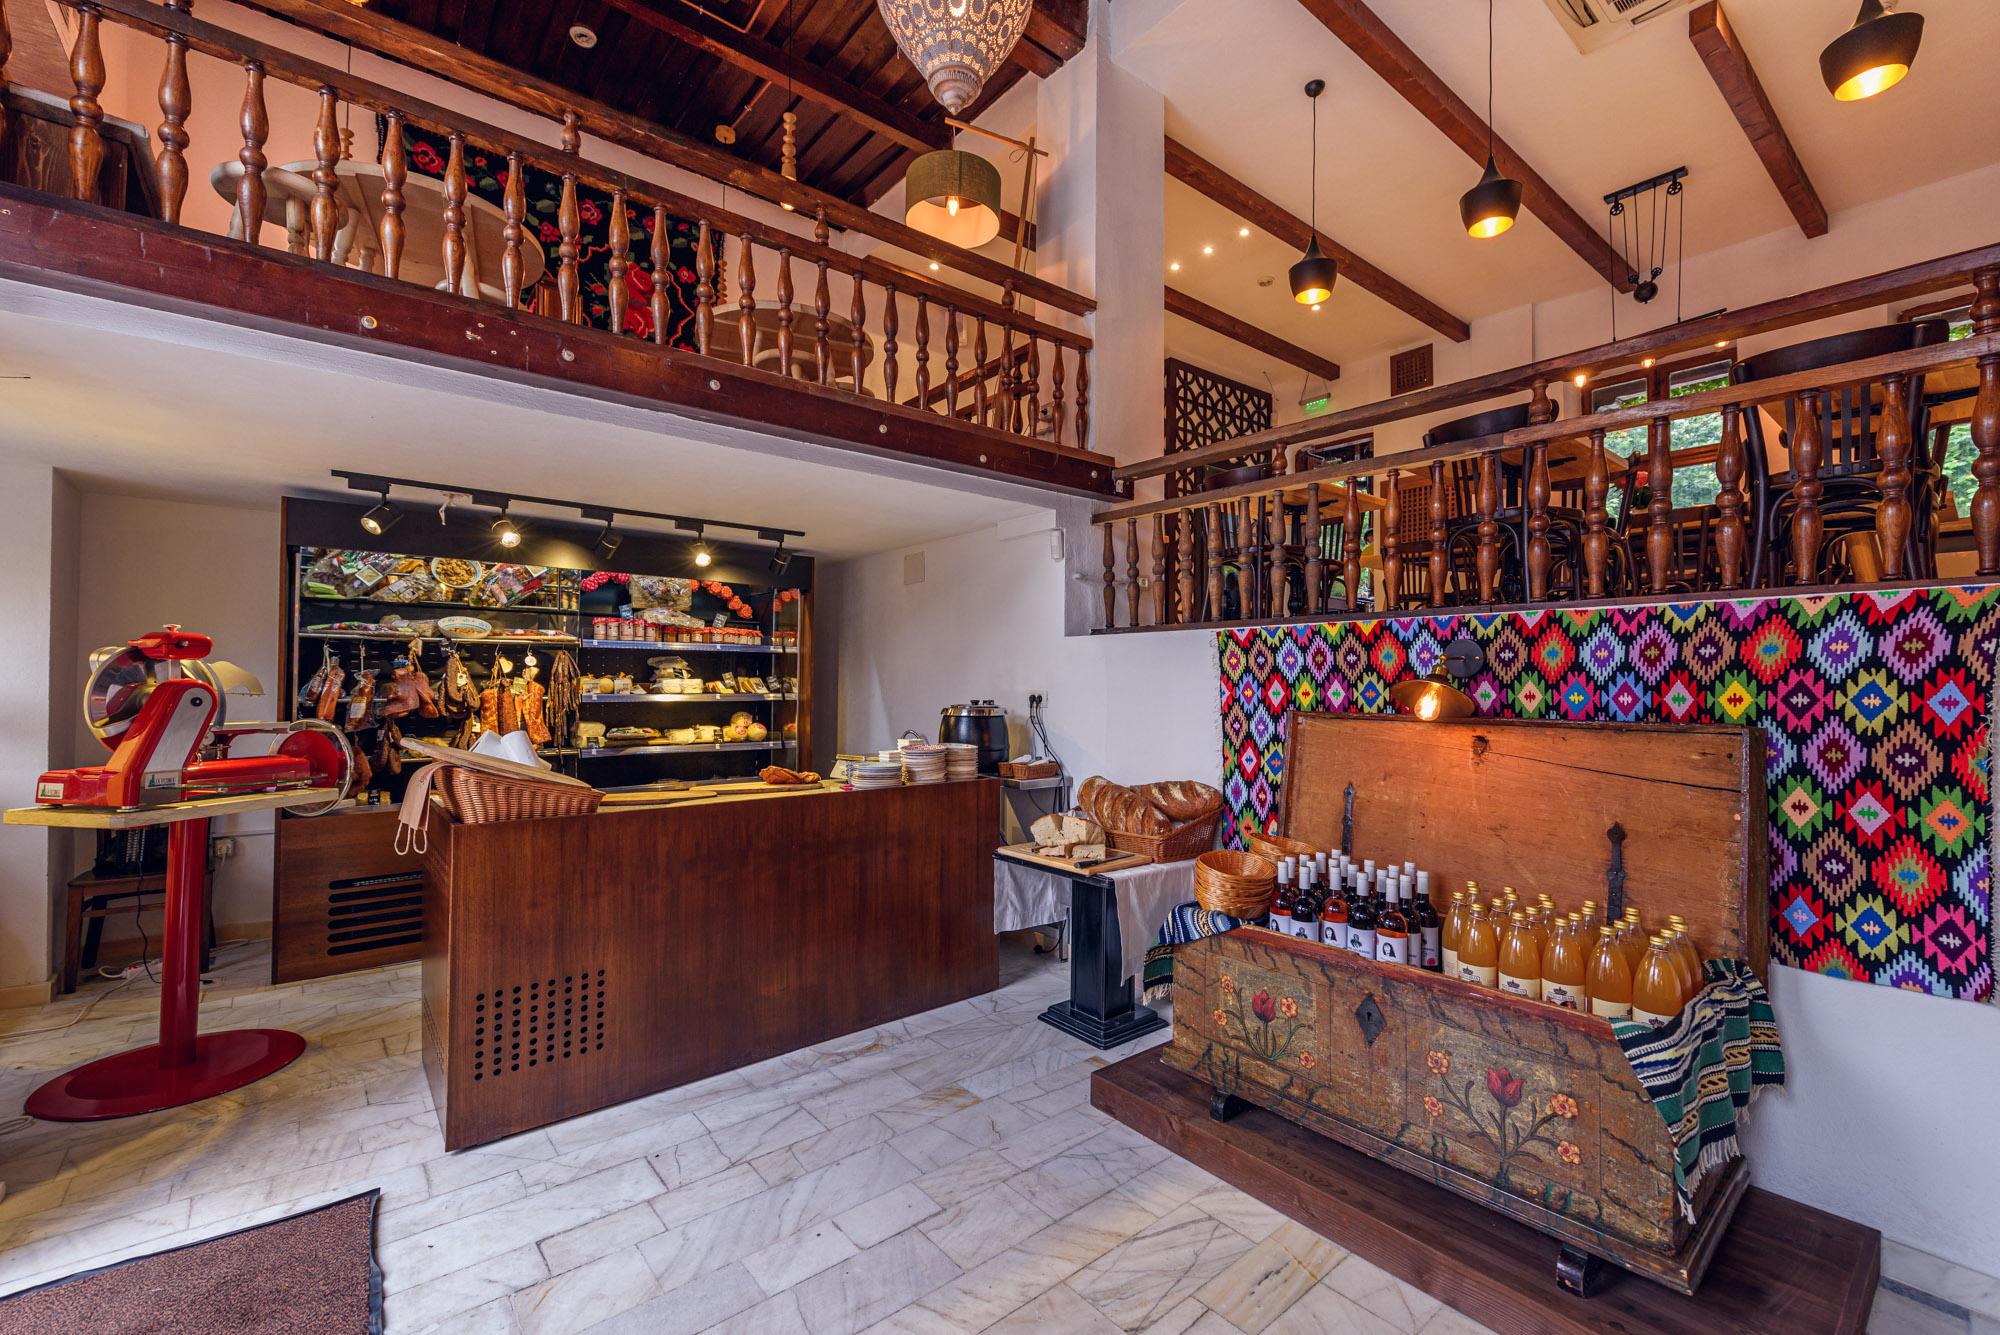 City Grill deschide Pravalia lui Manuc, o bacanie cu produse traditionale romanesti